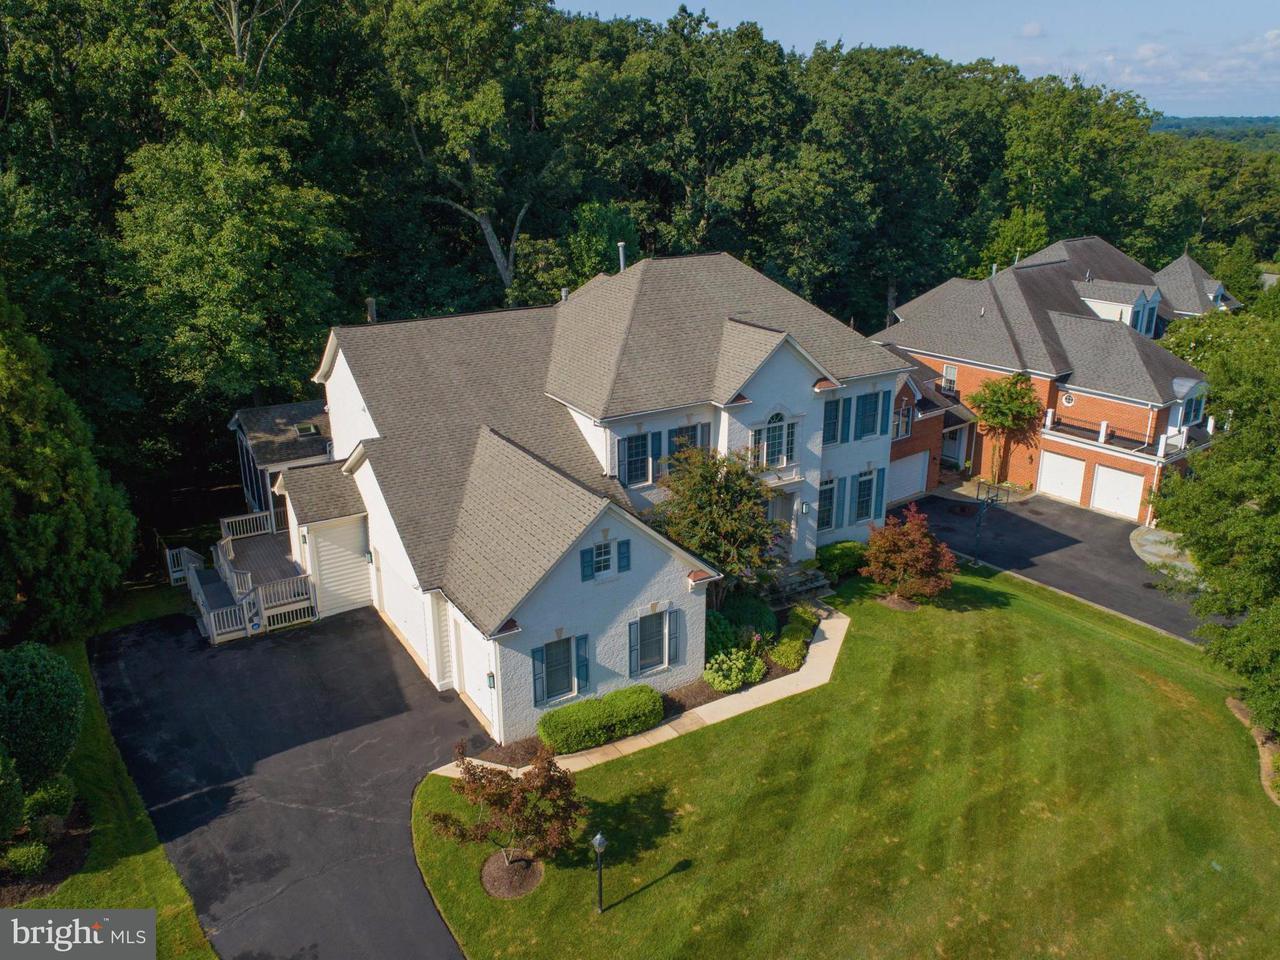 獨棟家庭住宅 為 出售 在 11597 CEDAR CHASE Road 11597 CEDAR CHASE Road Herndon, 弗吉尼亞州 20170 美國